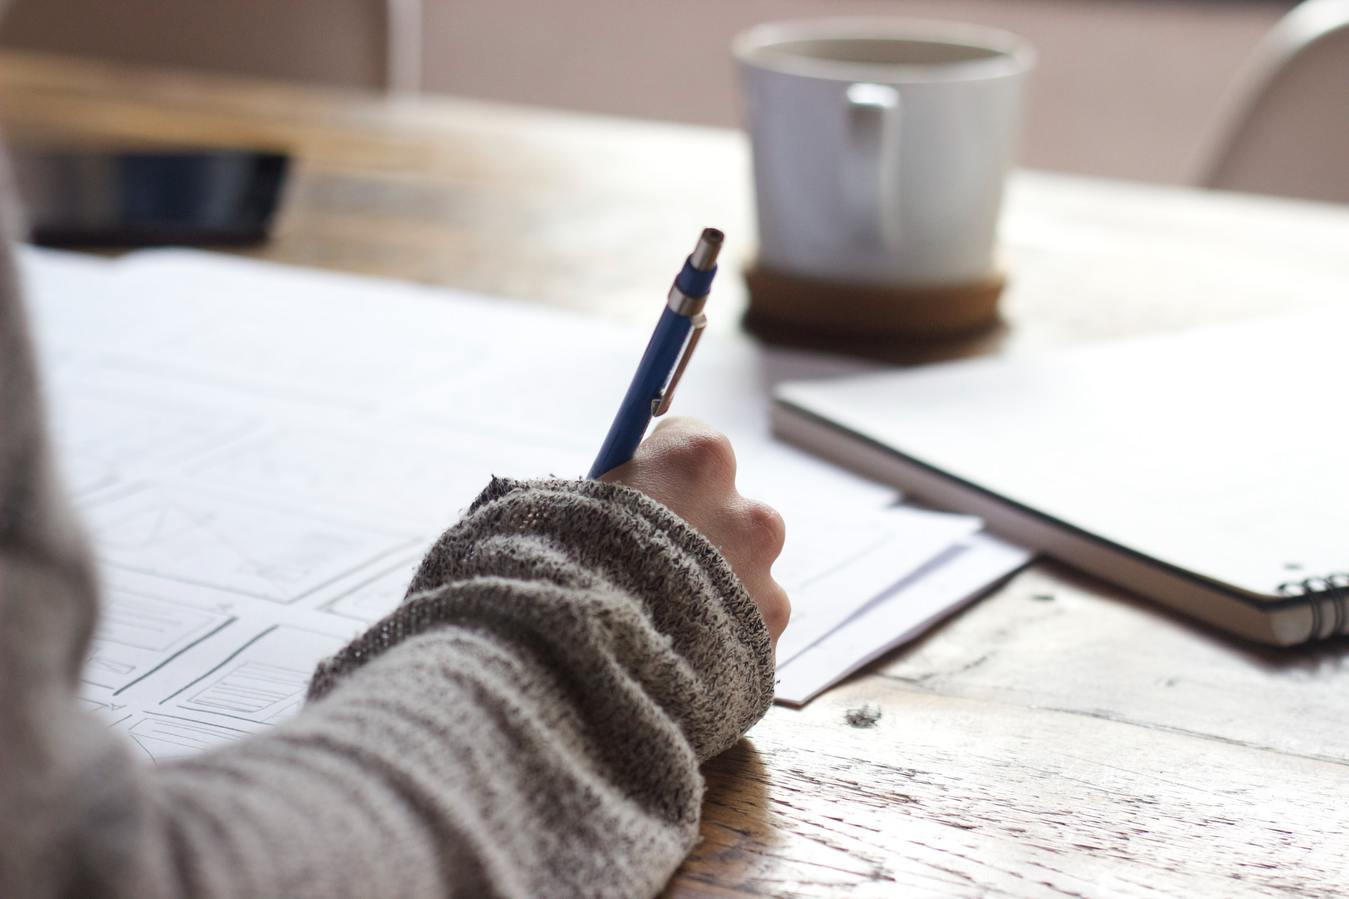 Persona escribiendo en un cuaderno con una taza de café